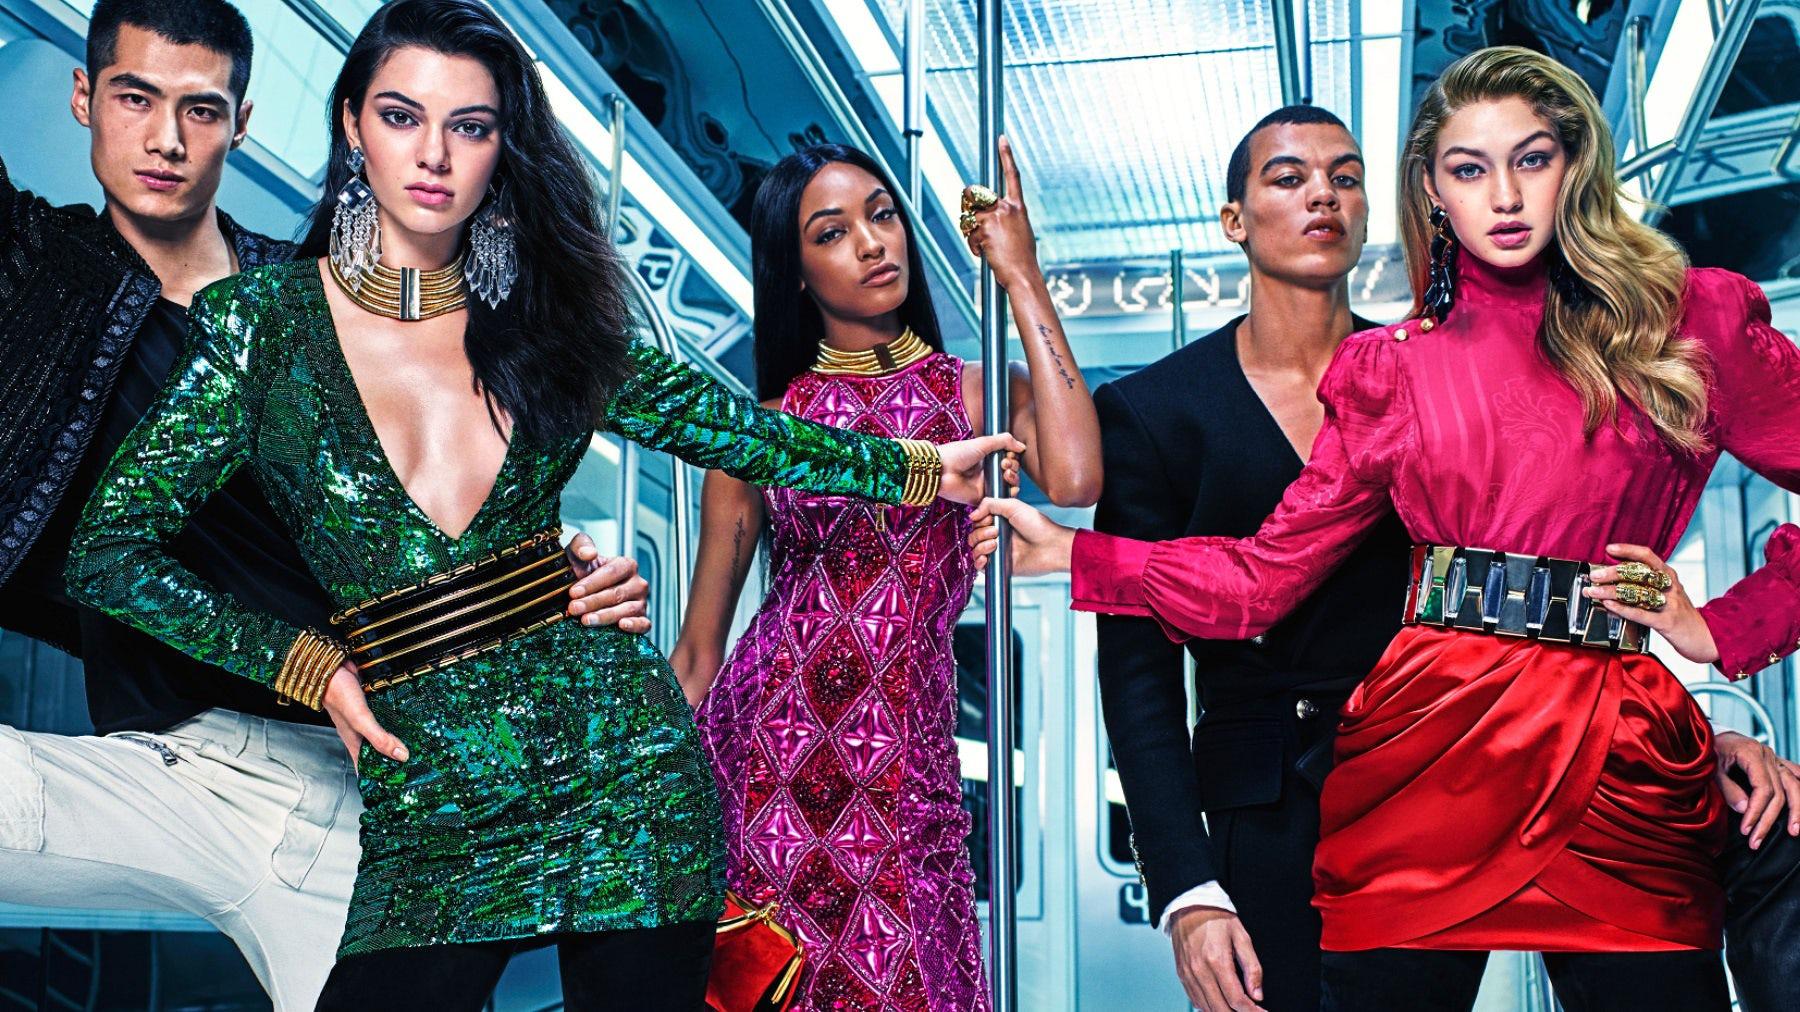 Fast Fashion - Sức hút không thể chối từ và Hệ luỵ không thể chối cãi - Ảnh 6.